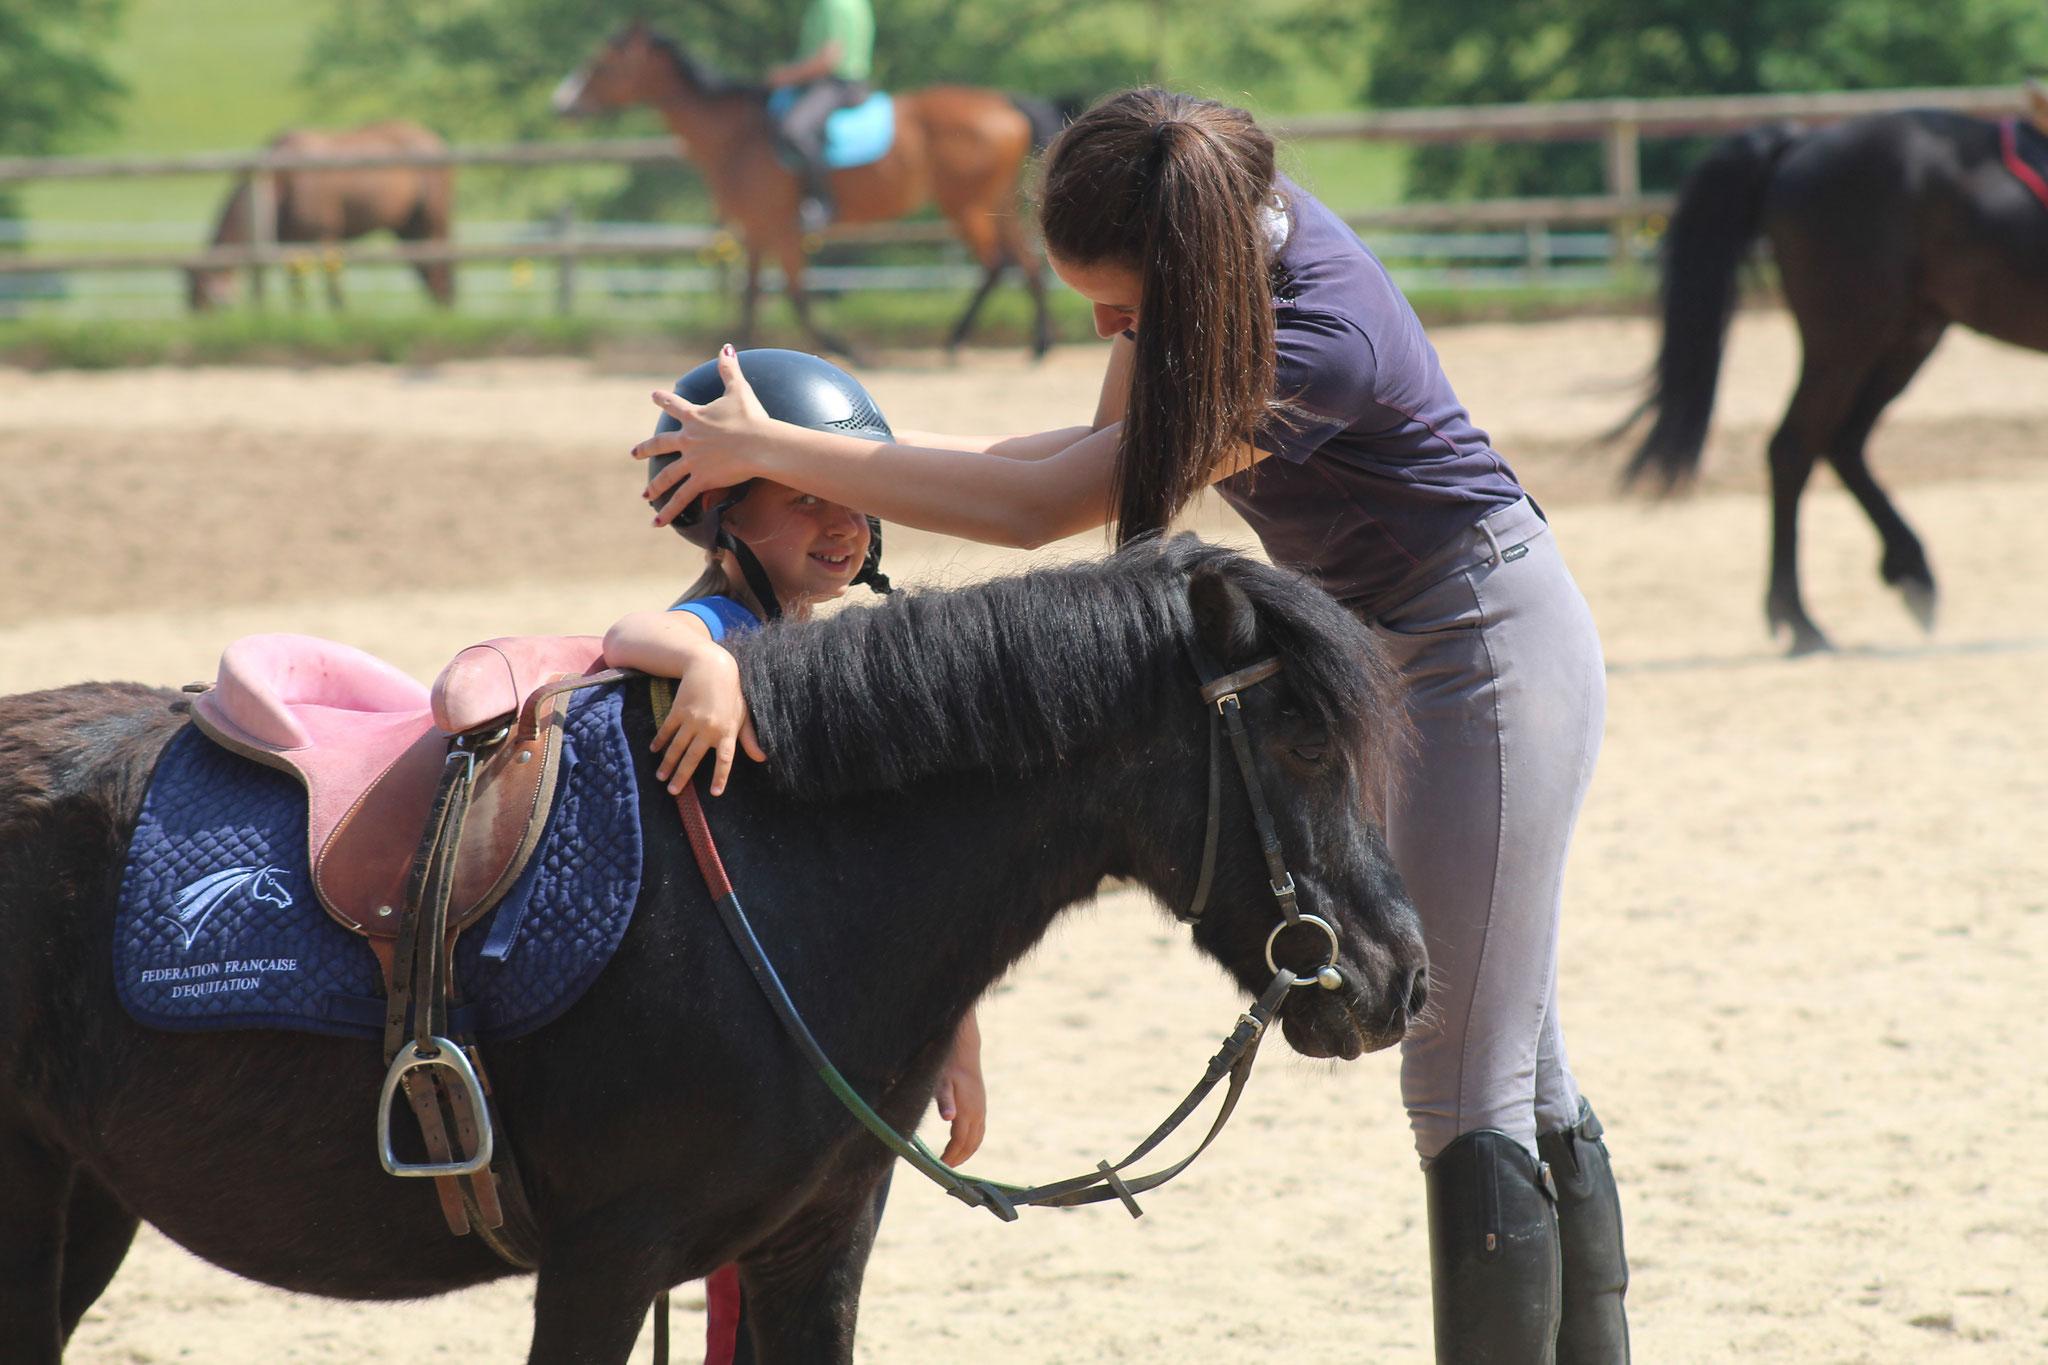 Des enseignants qualifiés vous feront découvrir les joies de l'équitation